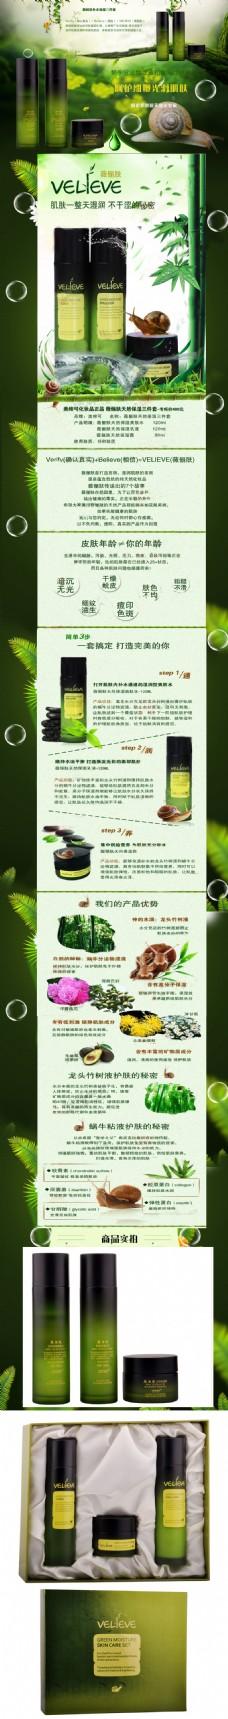 清新自然的化妆品详情页